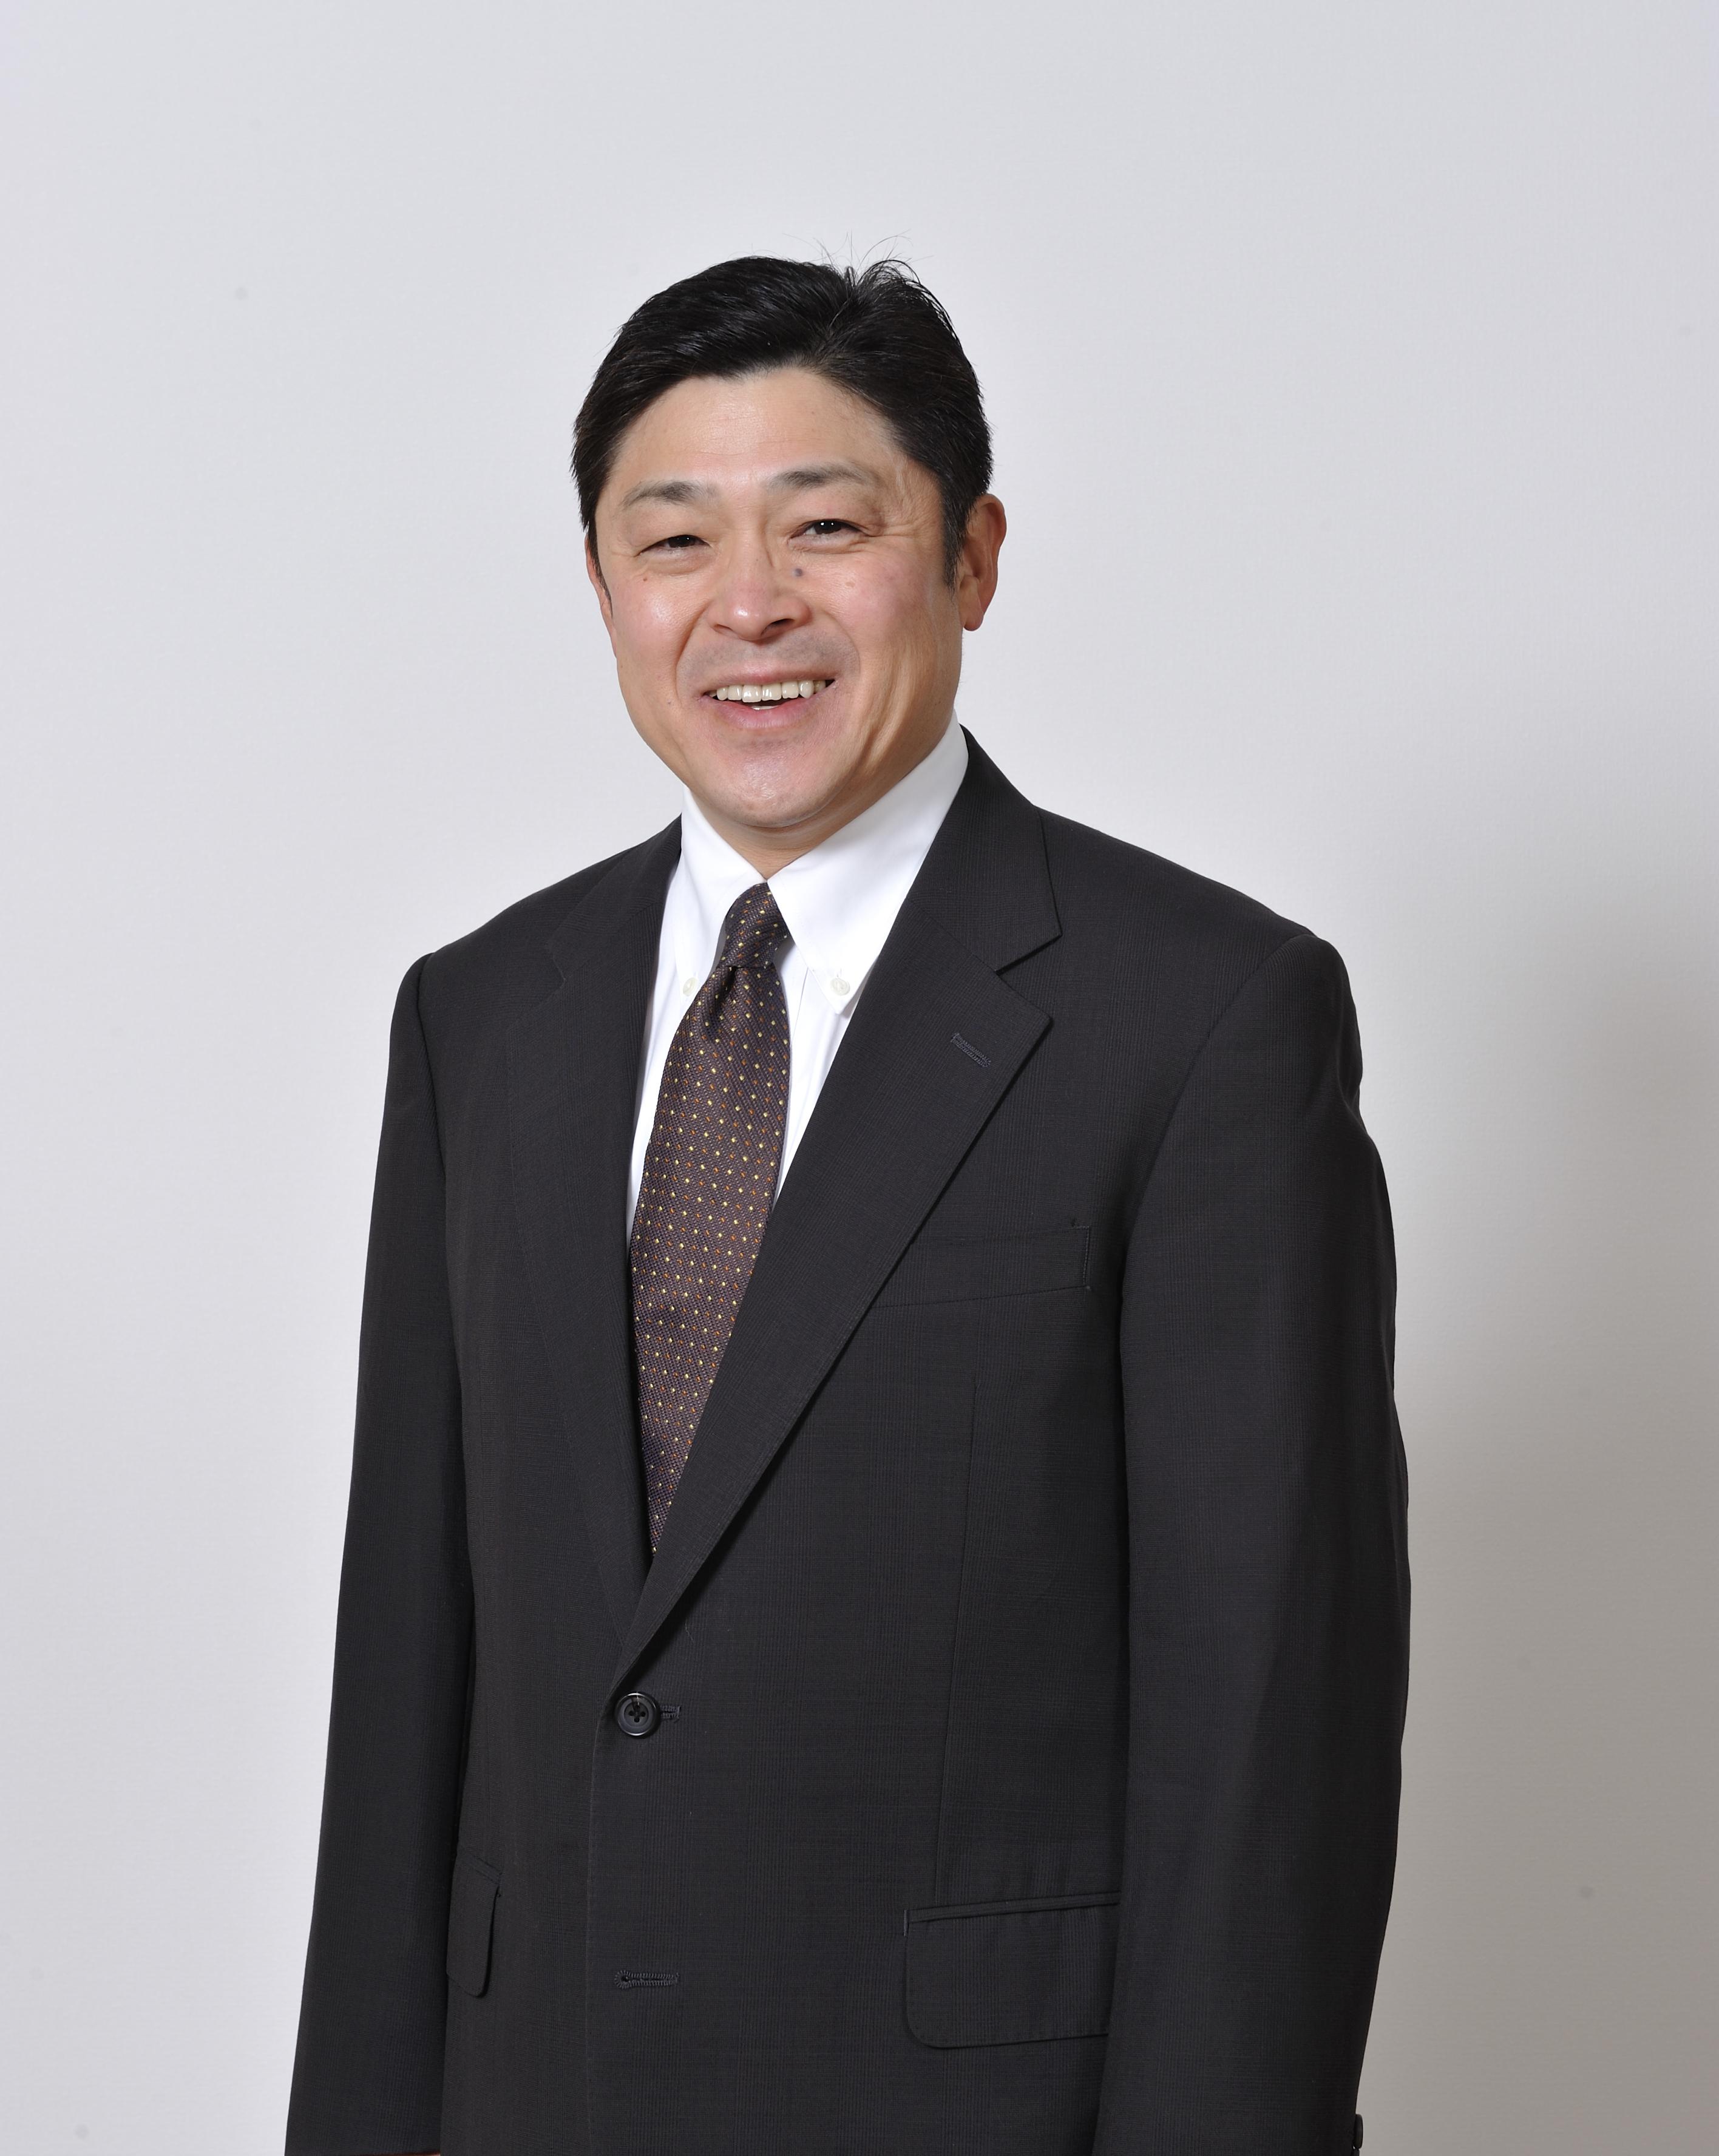 代表取締役社長の画像